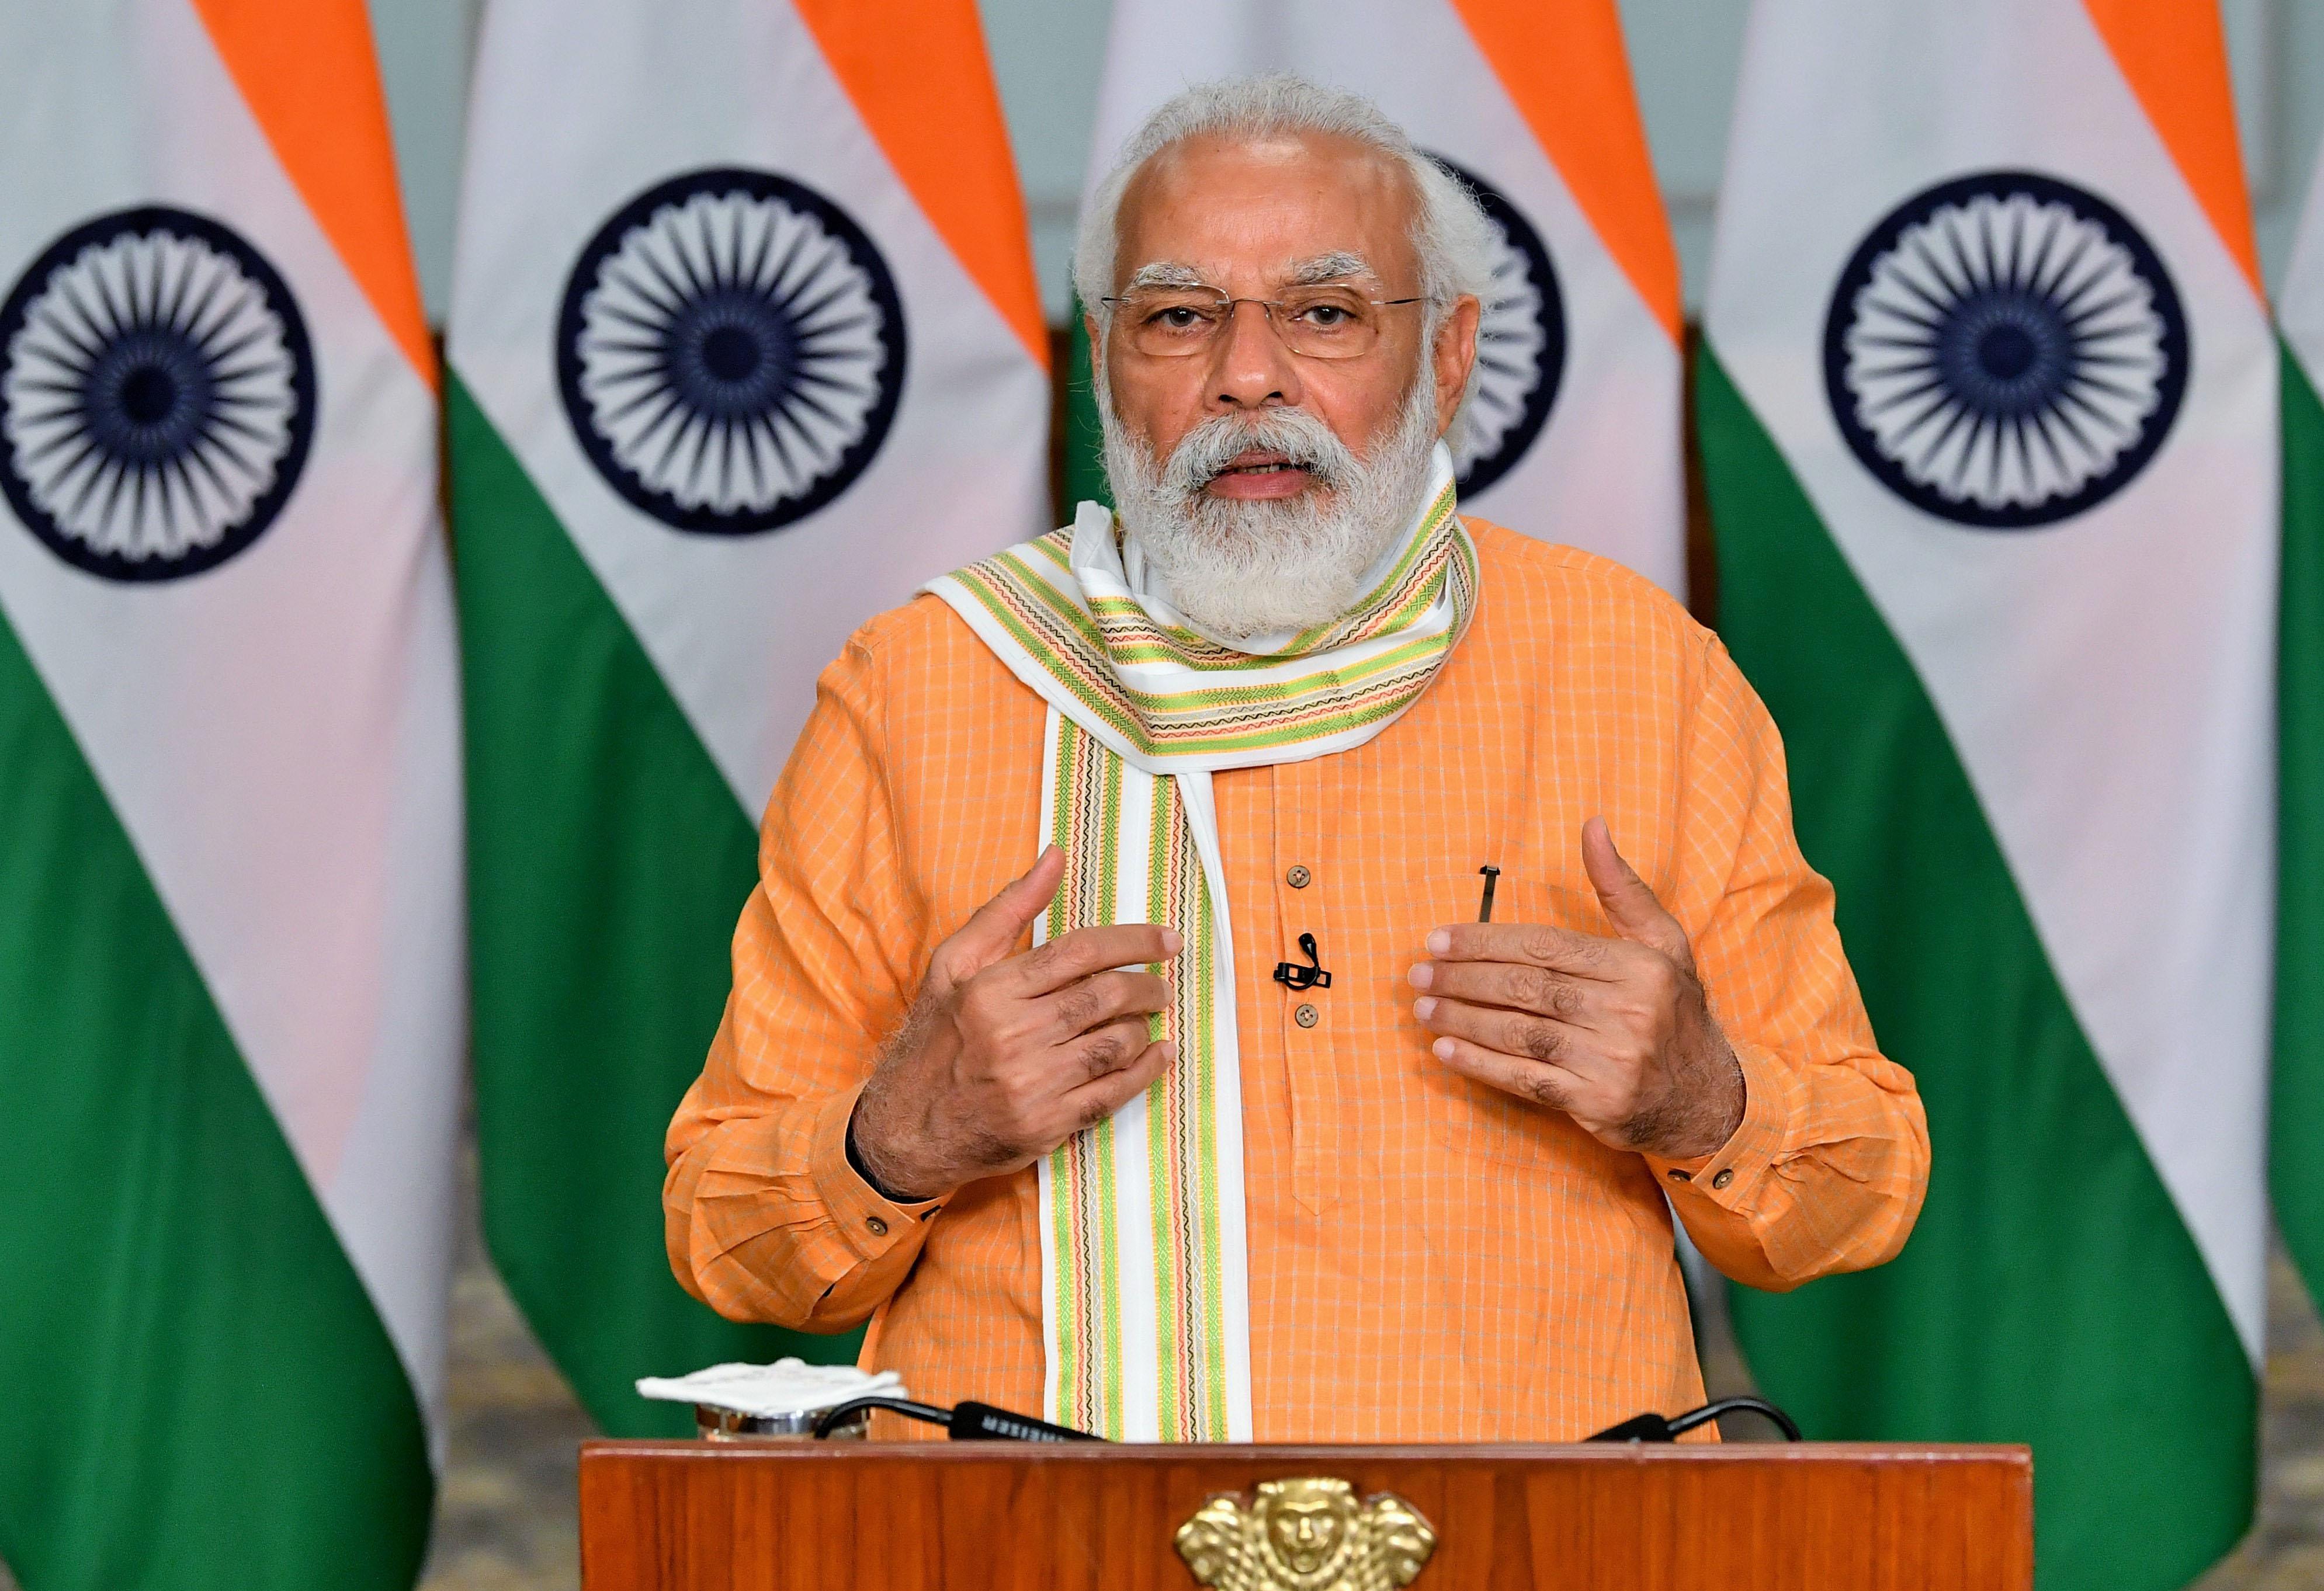 भारत प्रतिभा का पावरहाउस वैश्विक पुनरुत्थान में अग्रणी भूमिका निभा रहा है: प्रधानमंत्रीनरेन्द्र मोदी